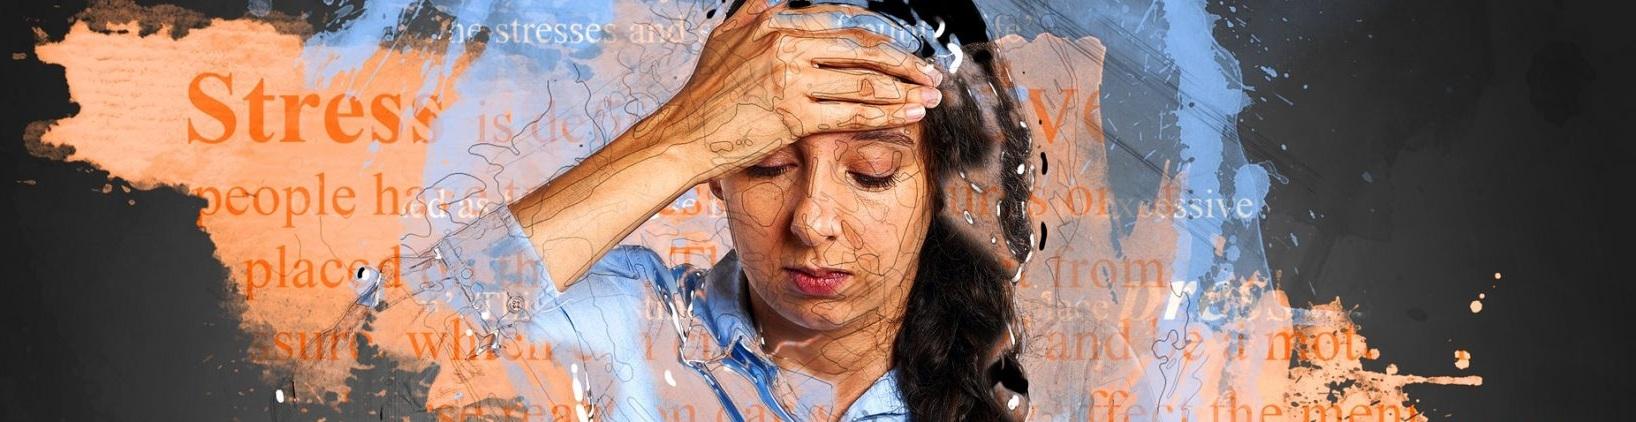 stress-2902537_1920-1696x800.jpg